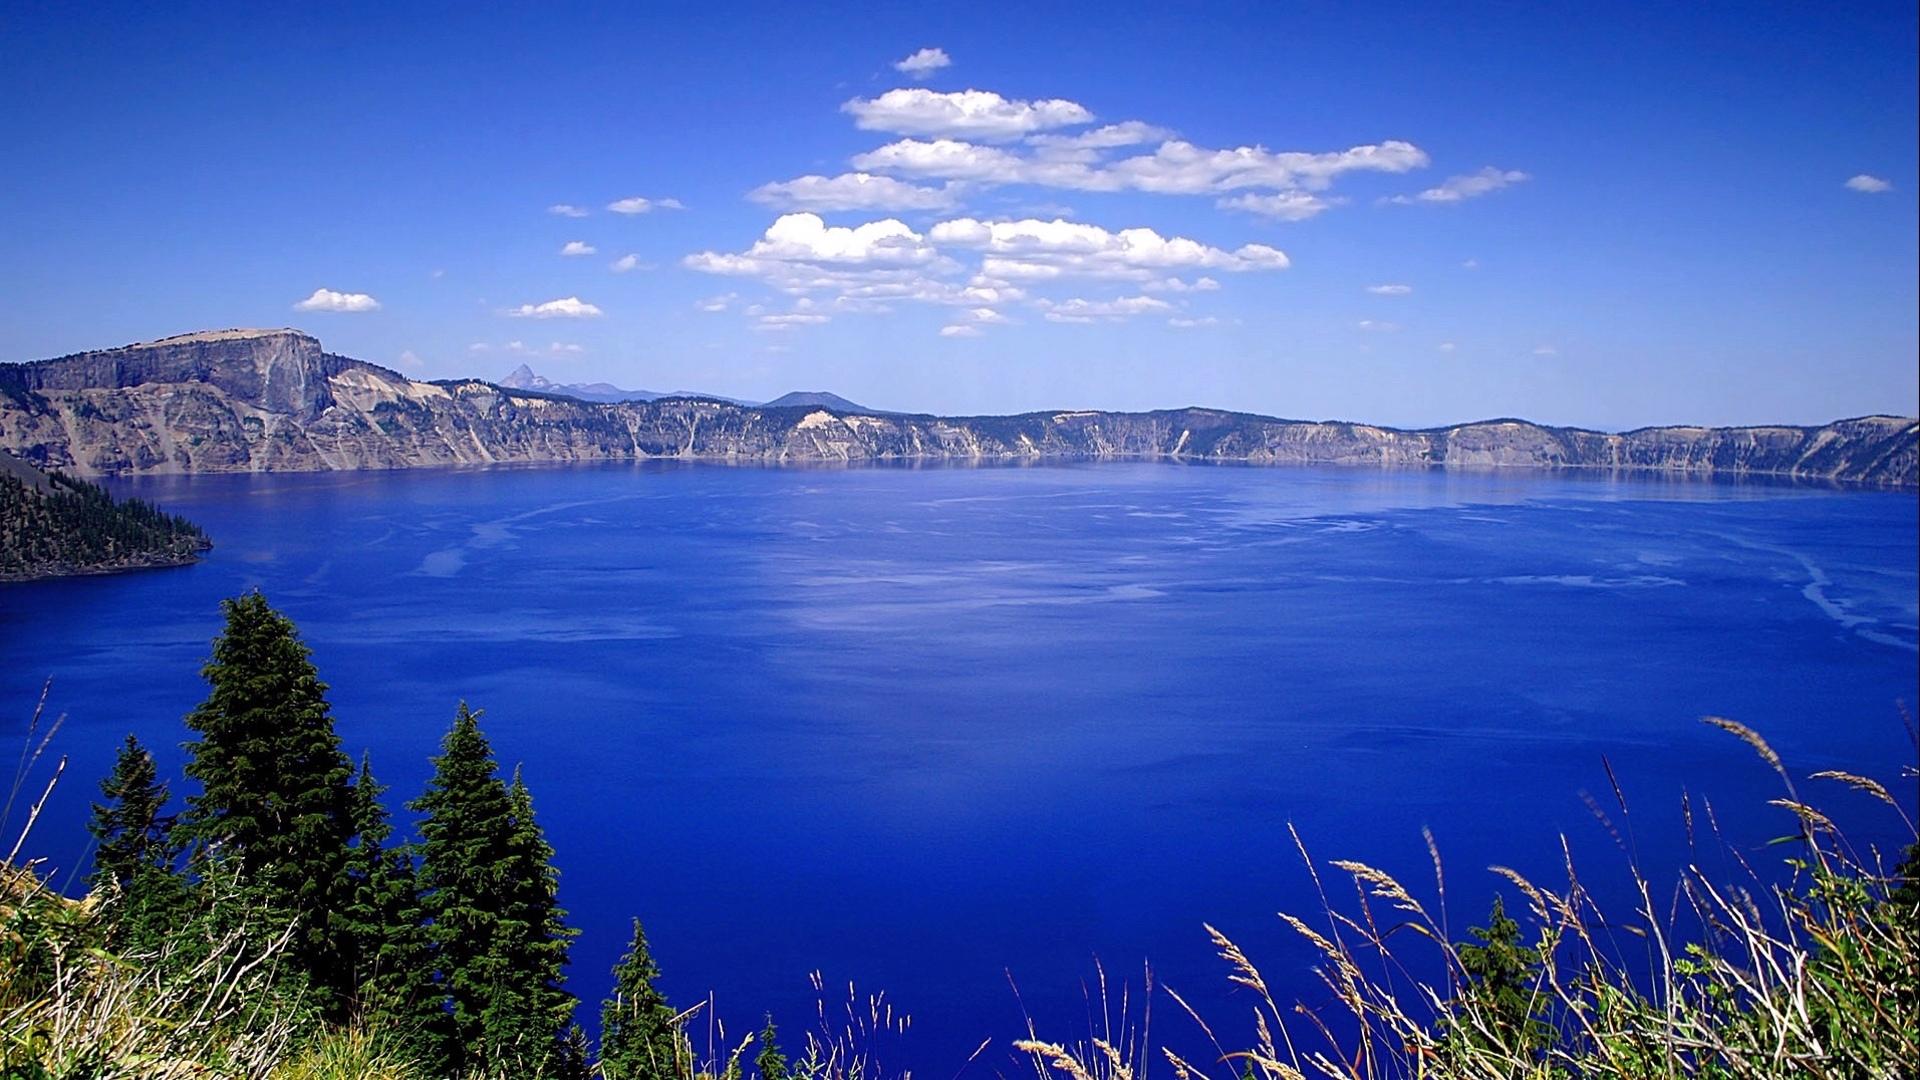 27518 Заставки и Обои Озера на телефон. Скачать Пейзаж, Горы, Облака, Озера картинки бесплатно